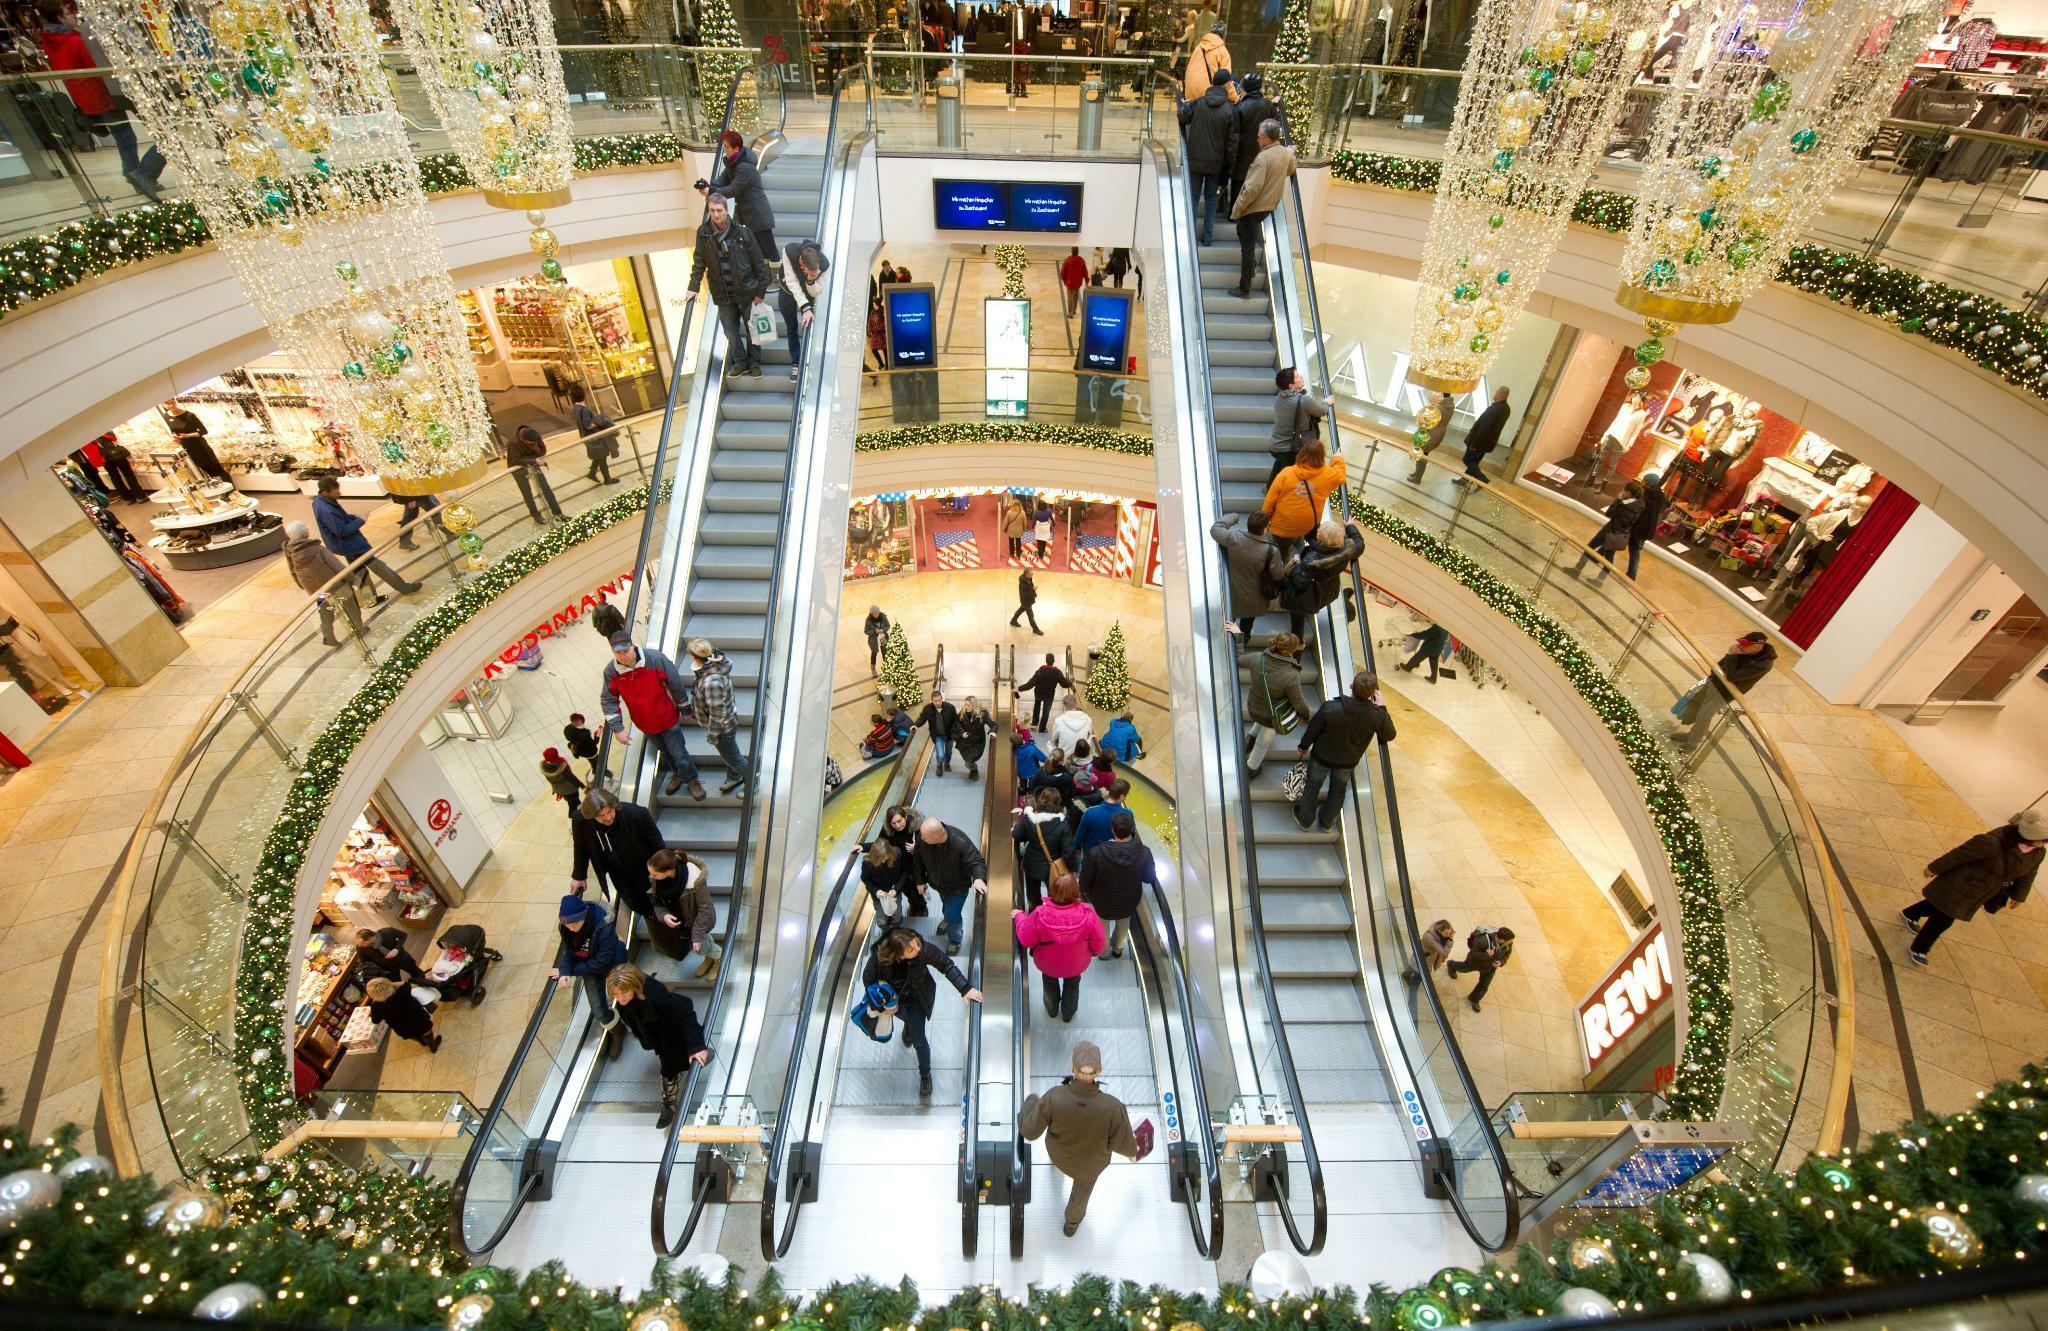 Mit Videoüberwachung und Wlan: Wie Kaufhäuser ihre Kunden messen